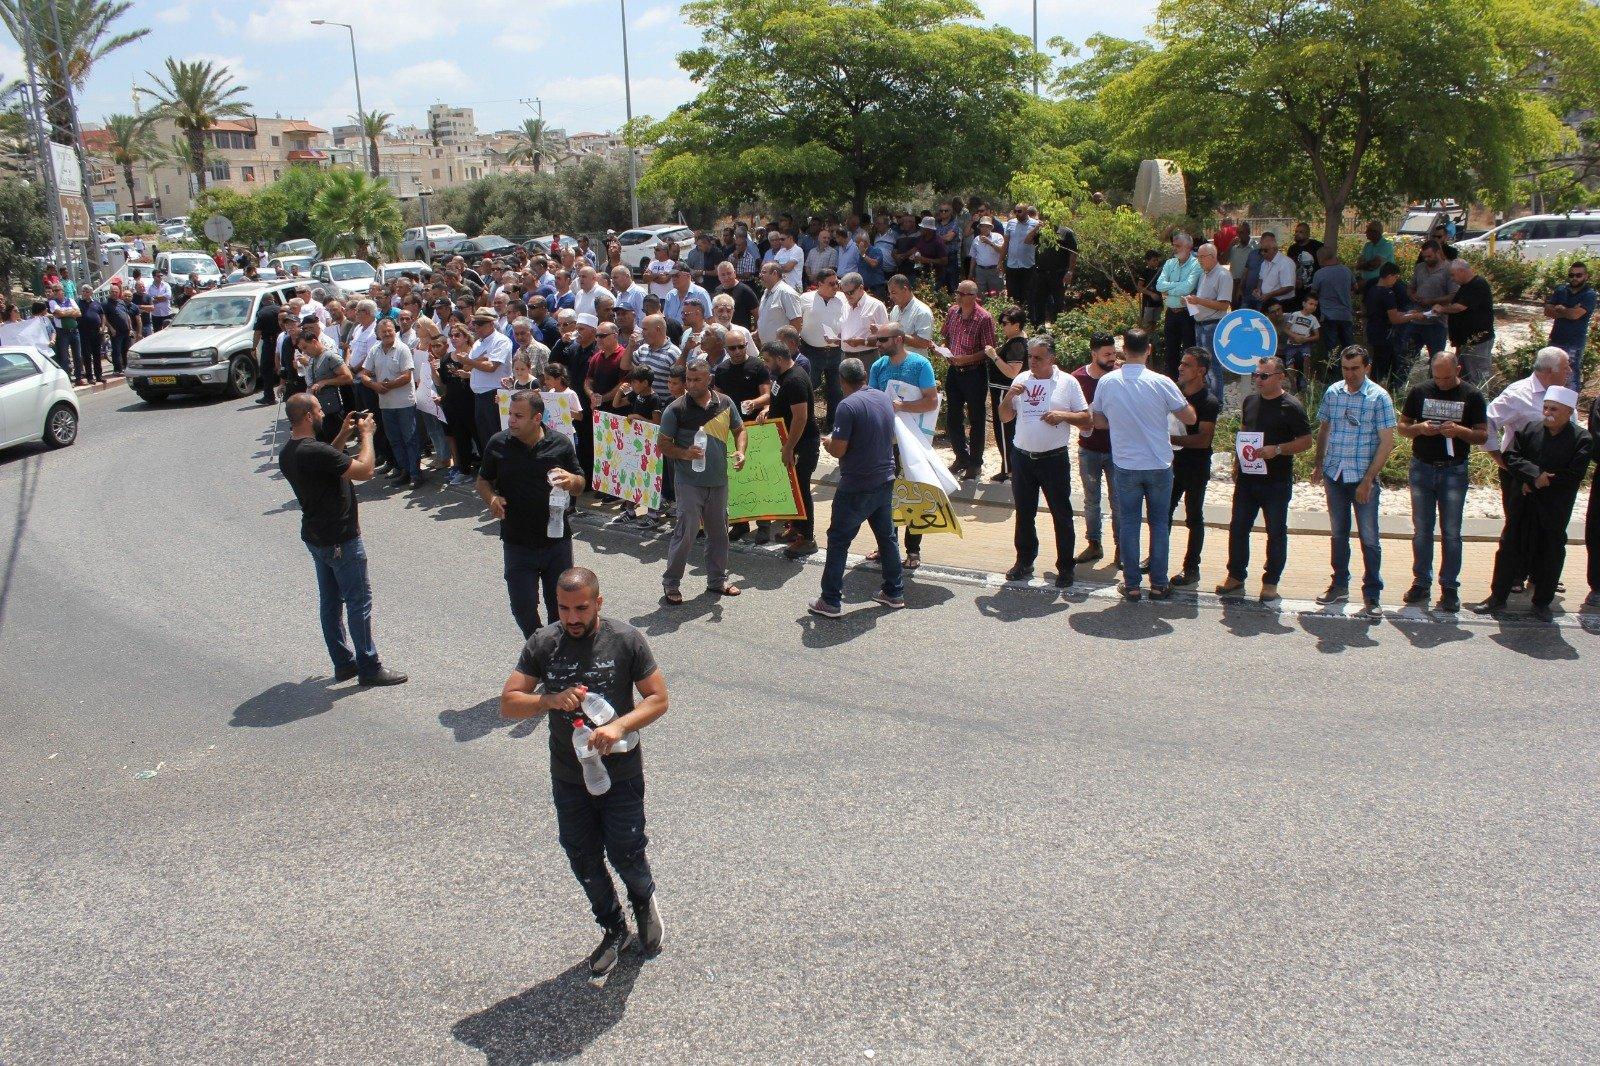 ابو سنان تطلق صرخة ضد العنف بعد مقتل هيثم ابريق